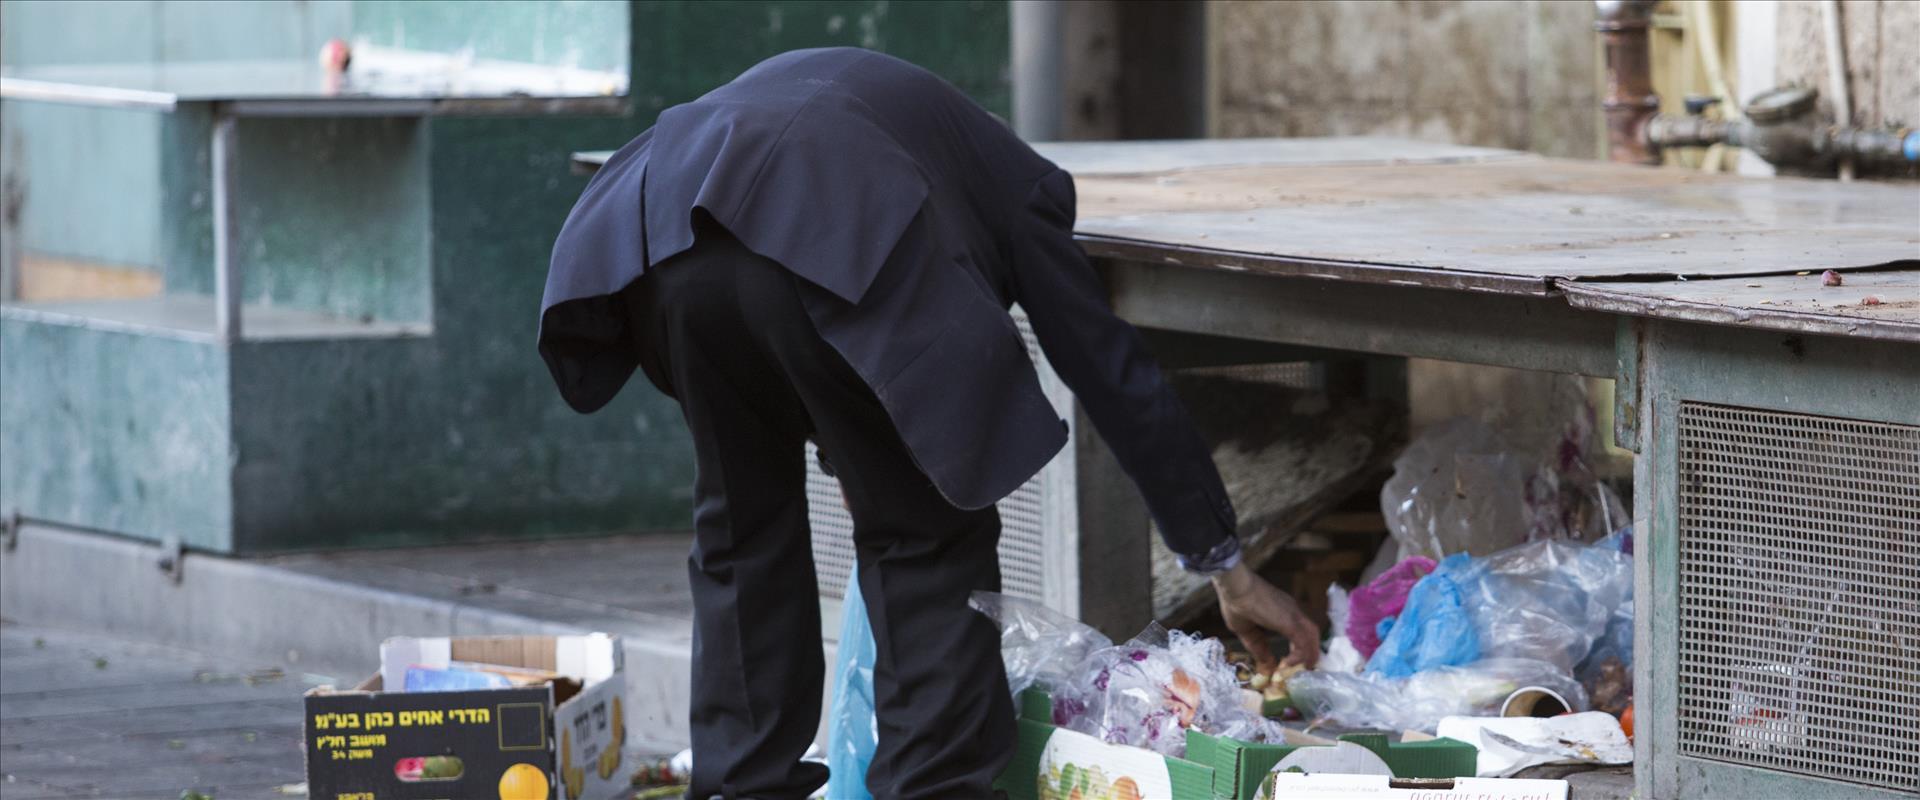 אדם מחטט באשפה בשוק מחנה יהודה בירושלים